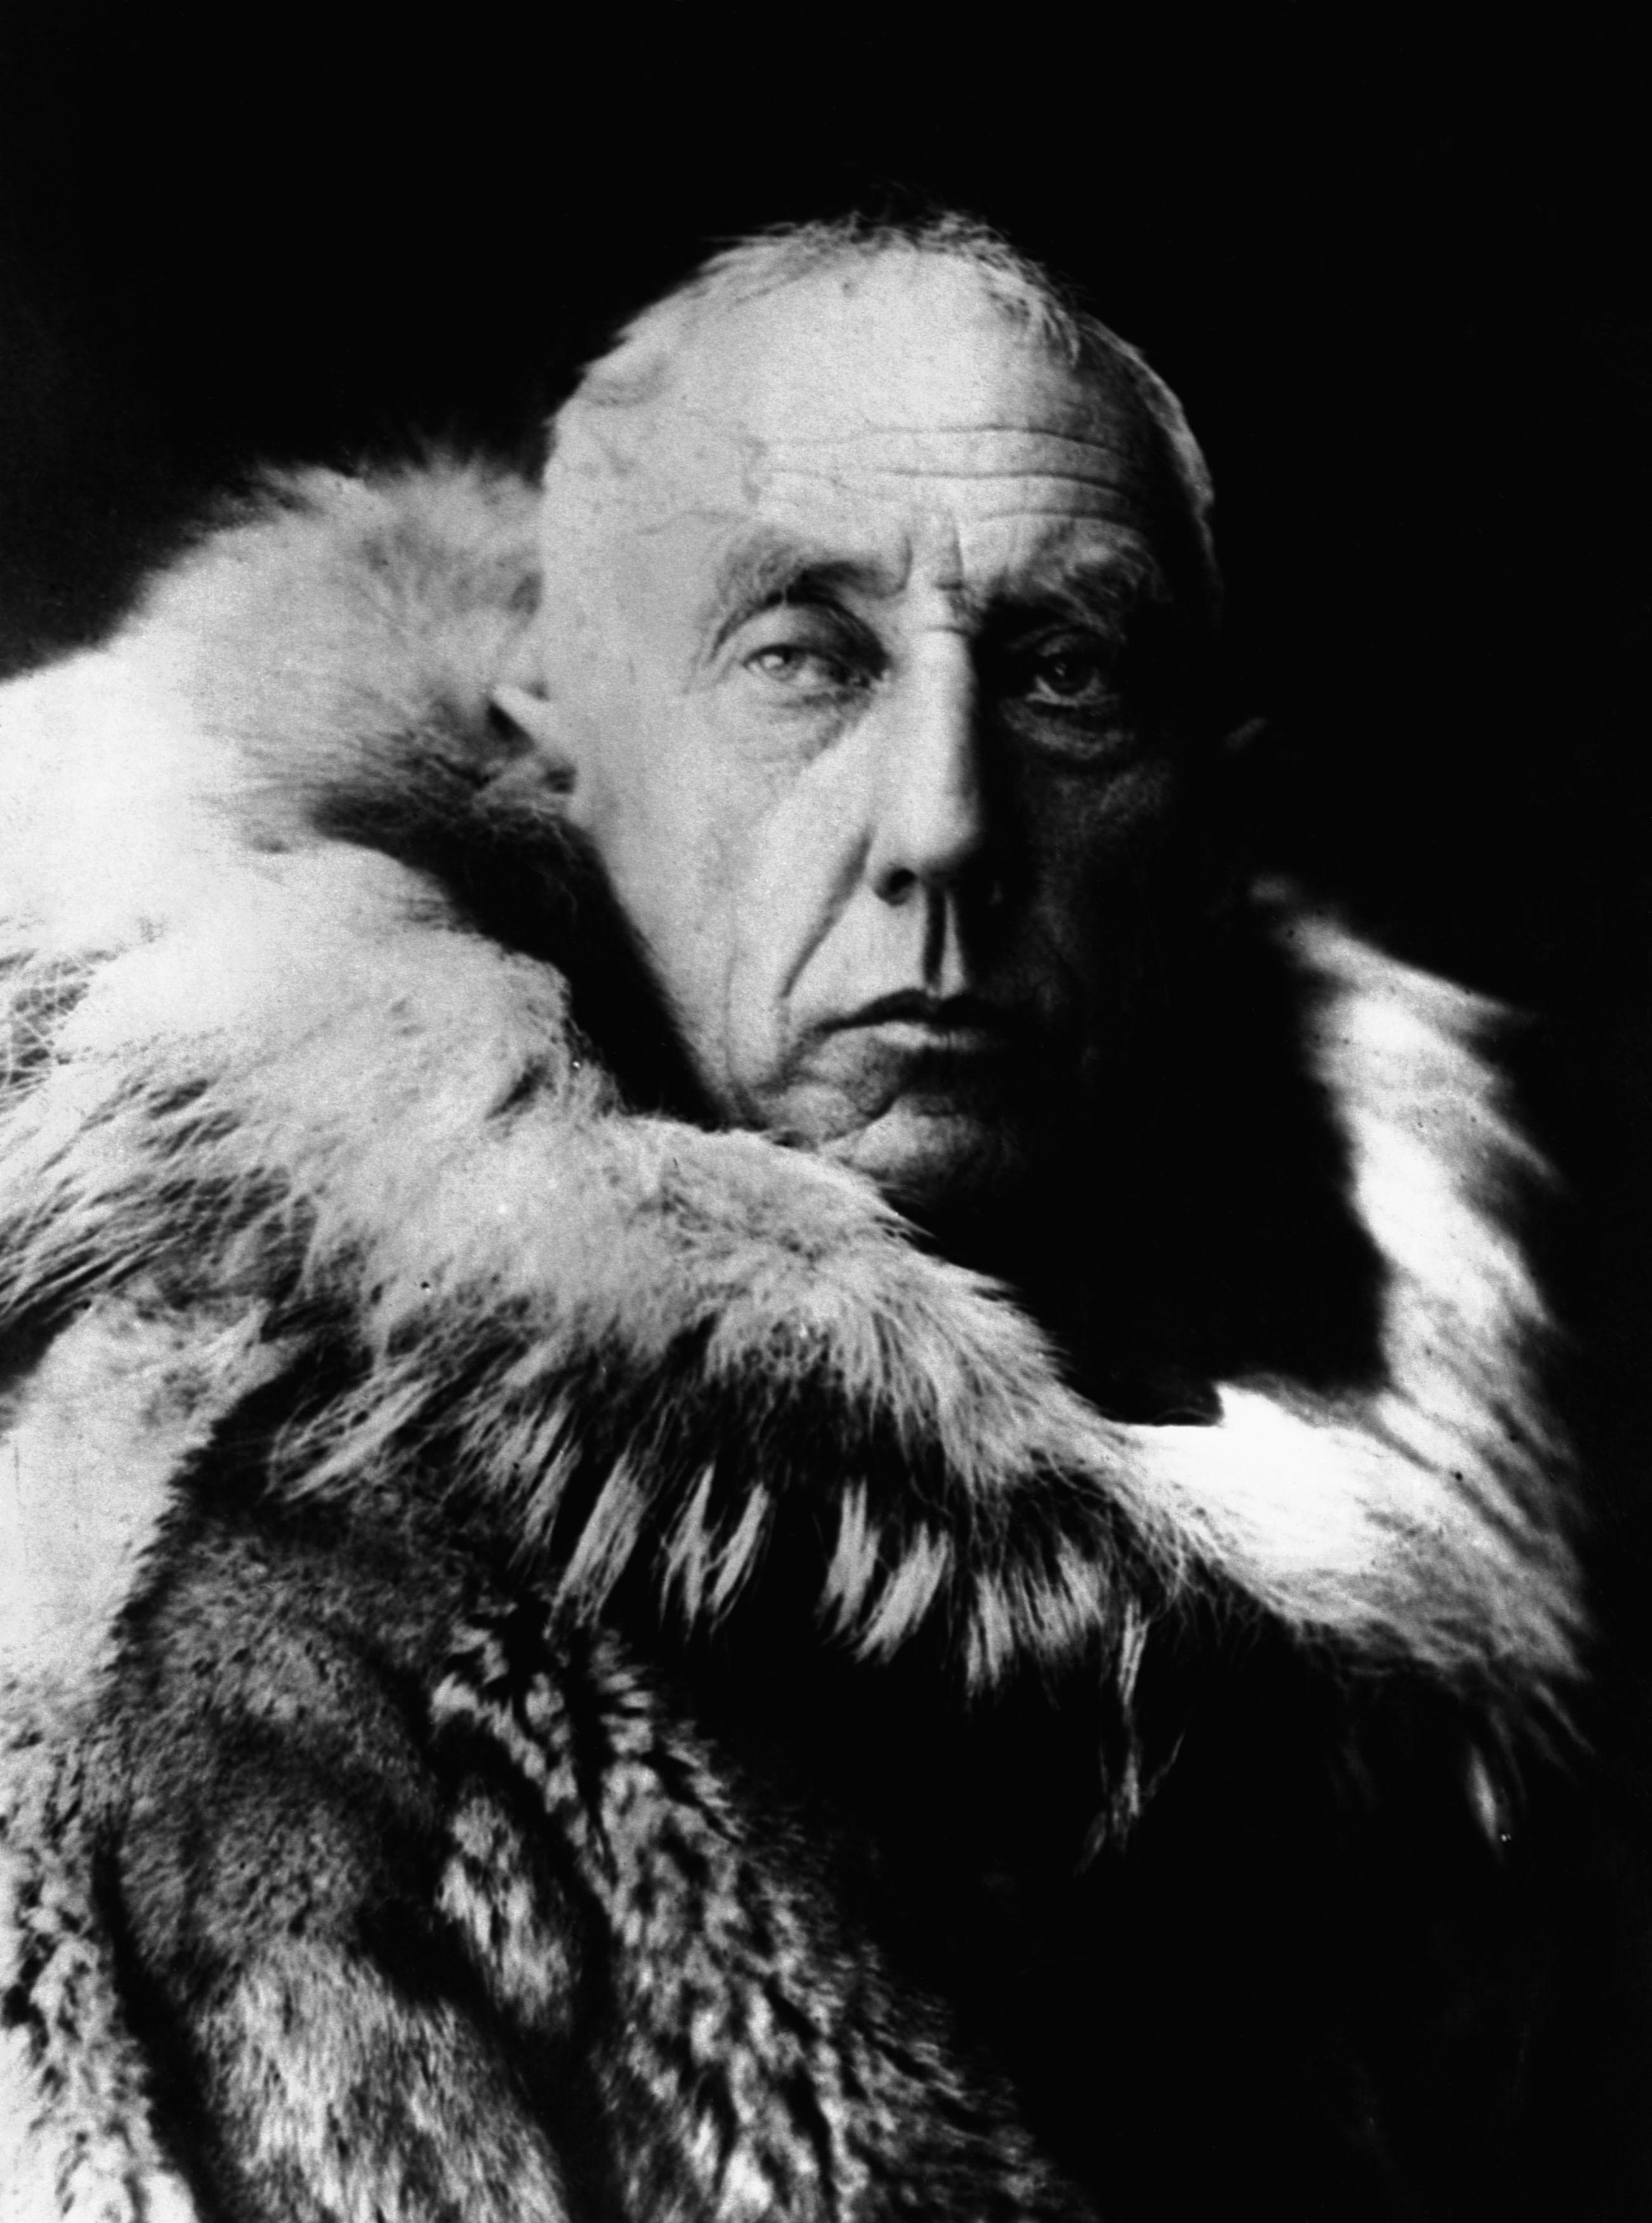 Amundsen_in_fur_skins